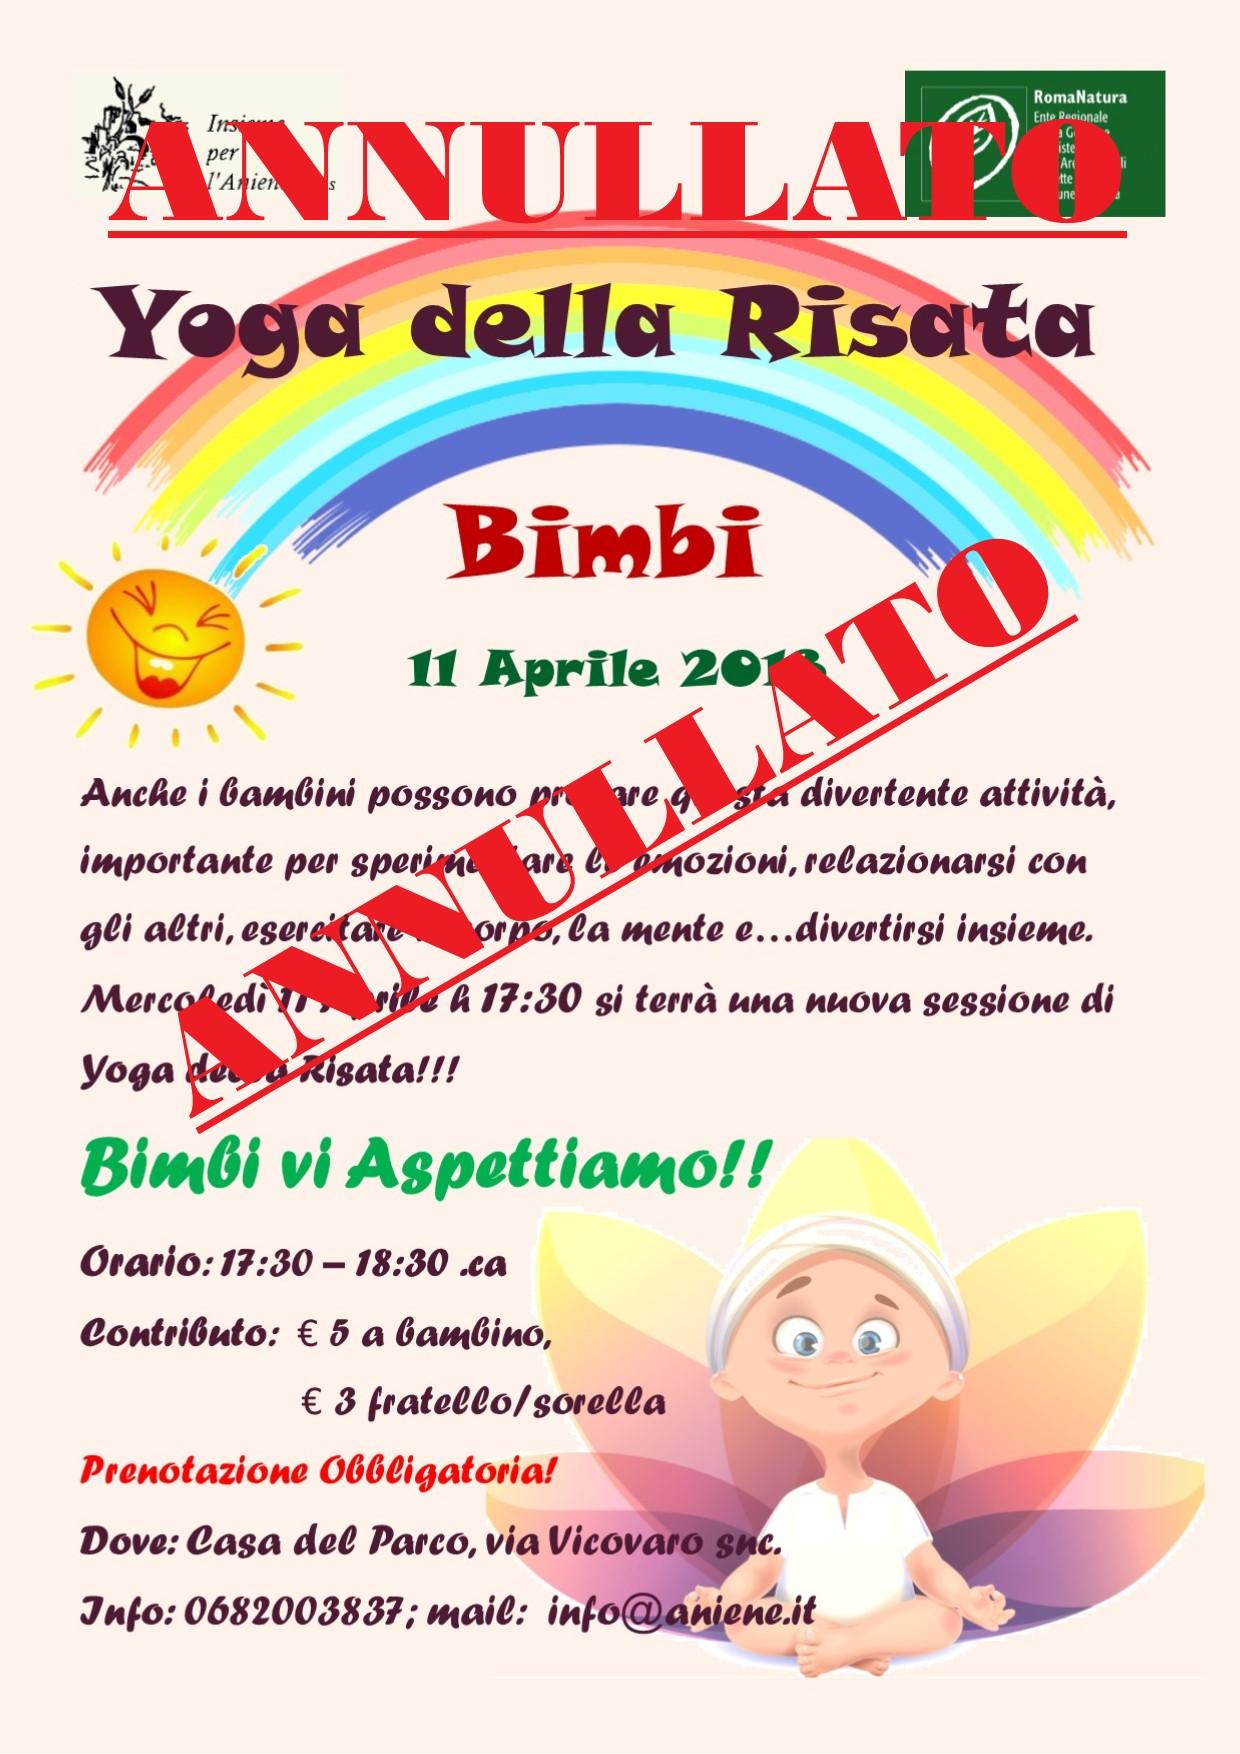 ANNULLATO - Yoga della Risata BIMBI